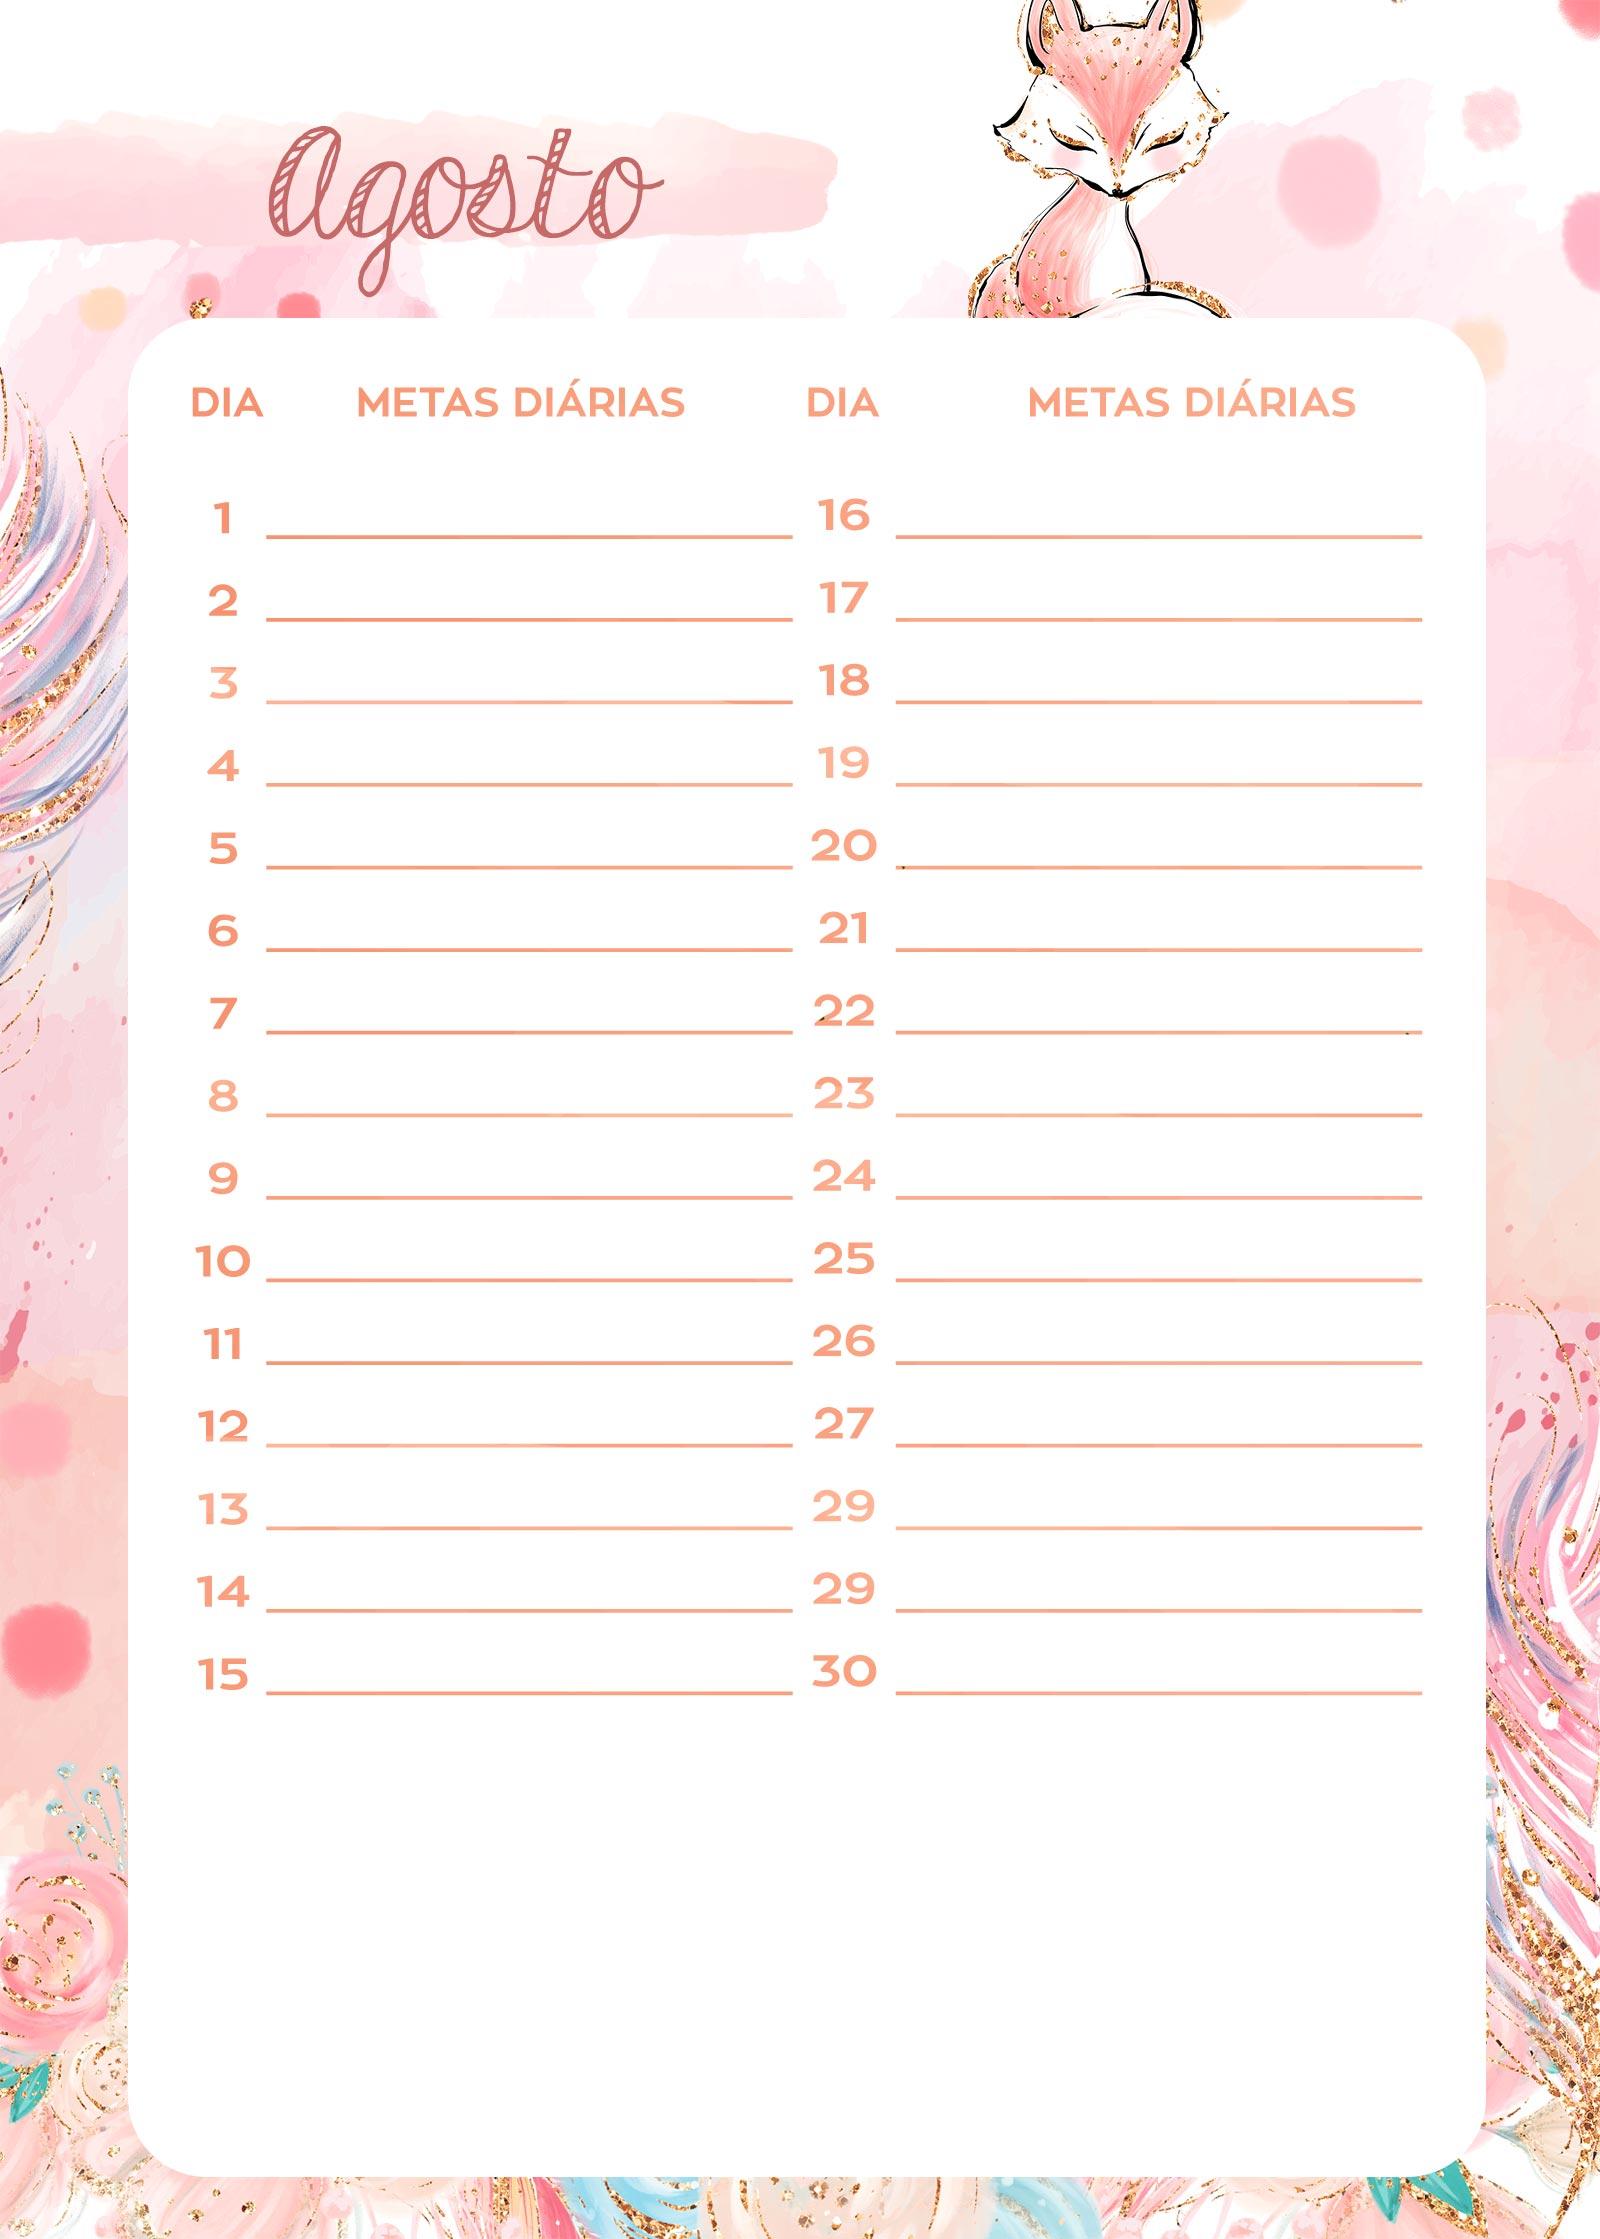 Planner Raposinha metas diarias agosto